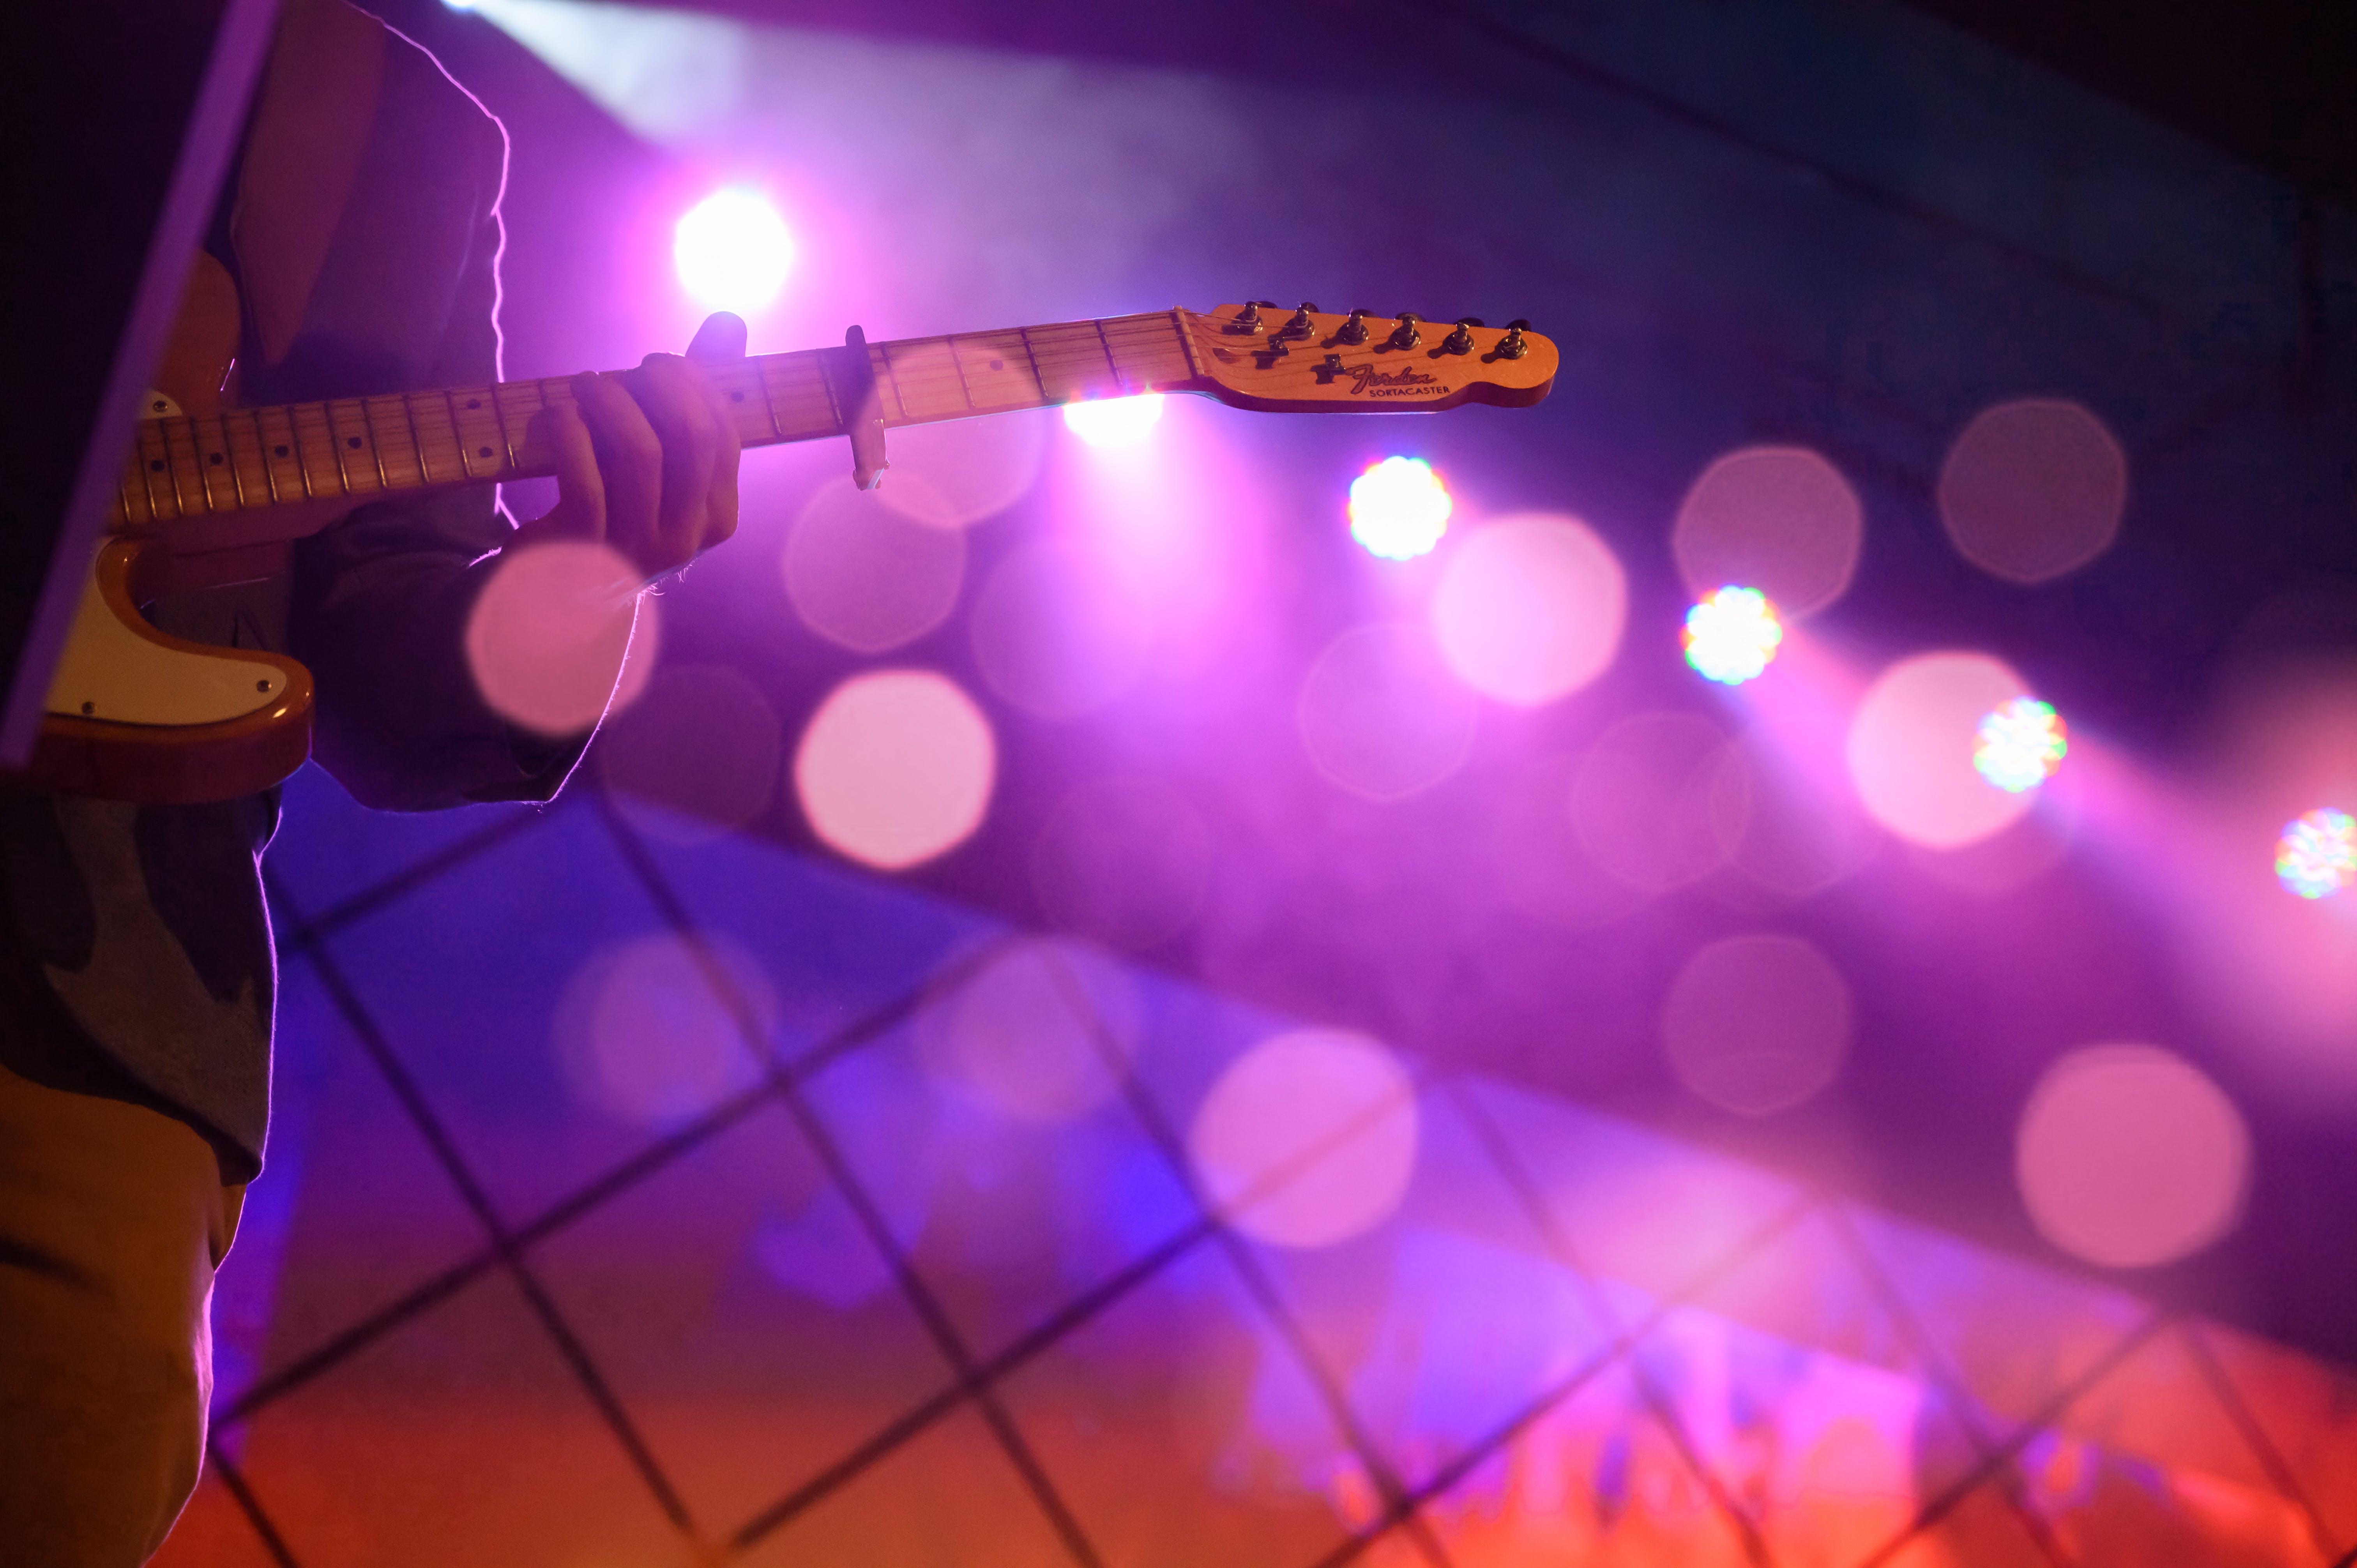 Immagine gratuita di chitarra, musicista, persona, strumento a corda